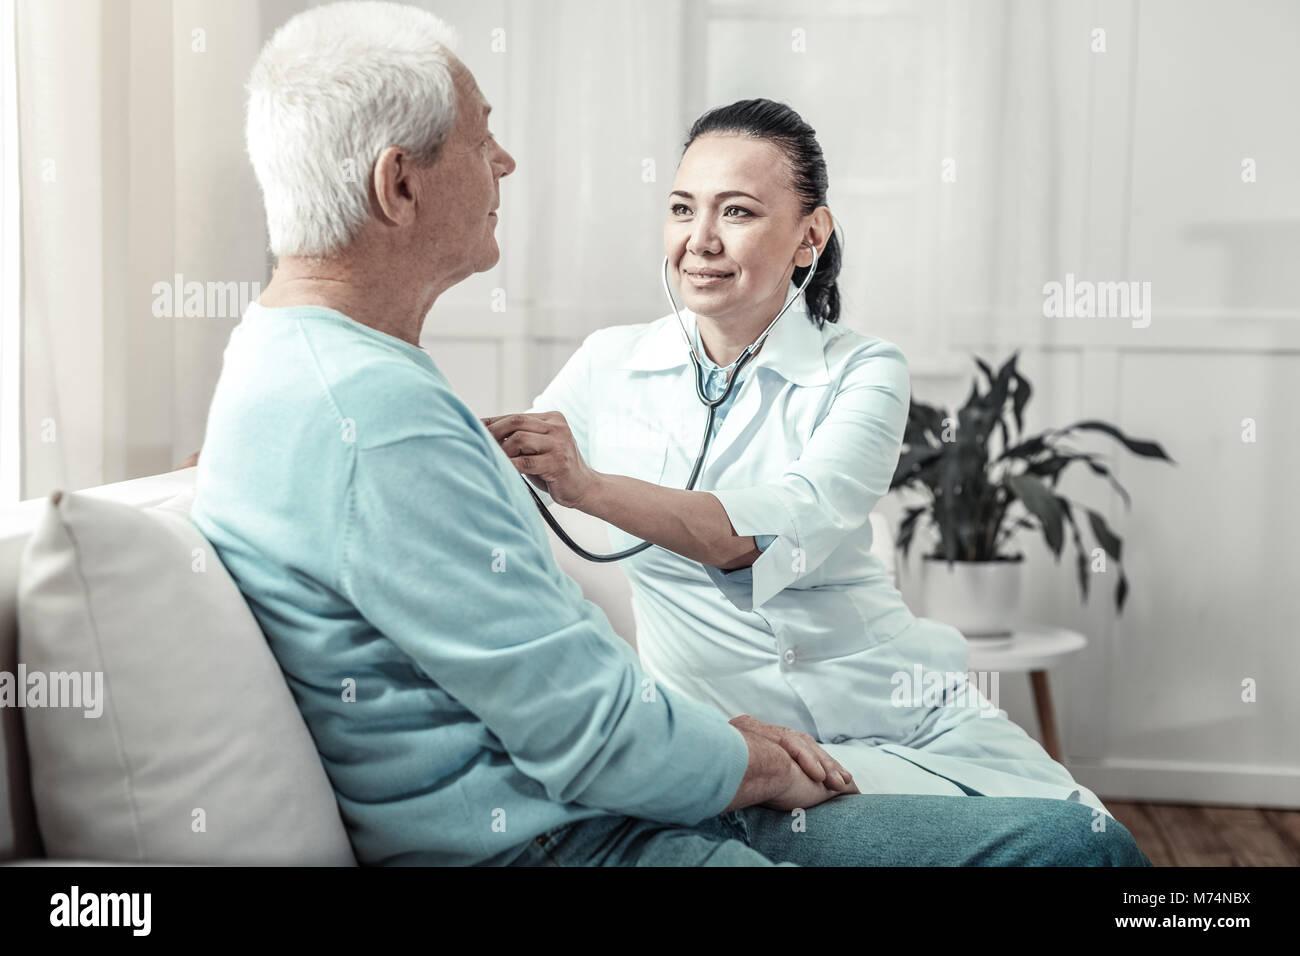 Joven enfermera calificada sentado y escuchando a los pulmones de los pacientes. Imagen De Stock